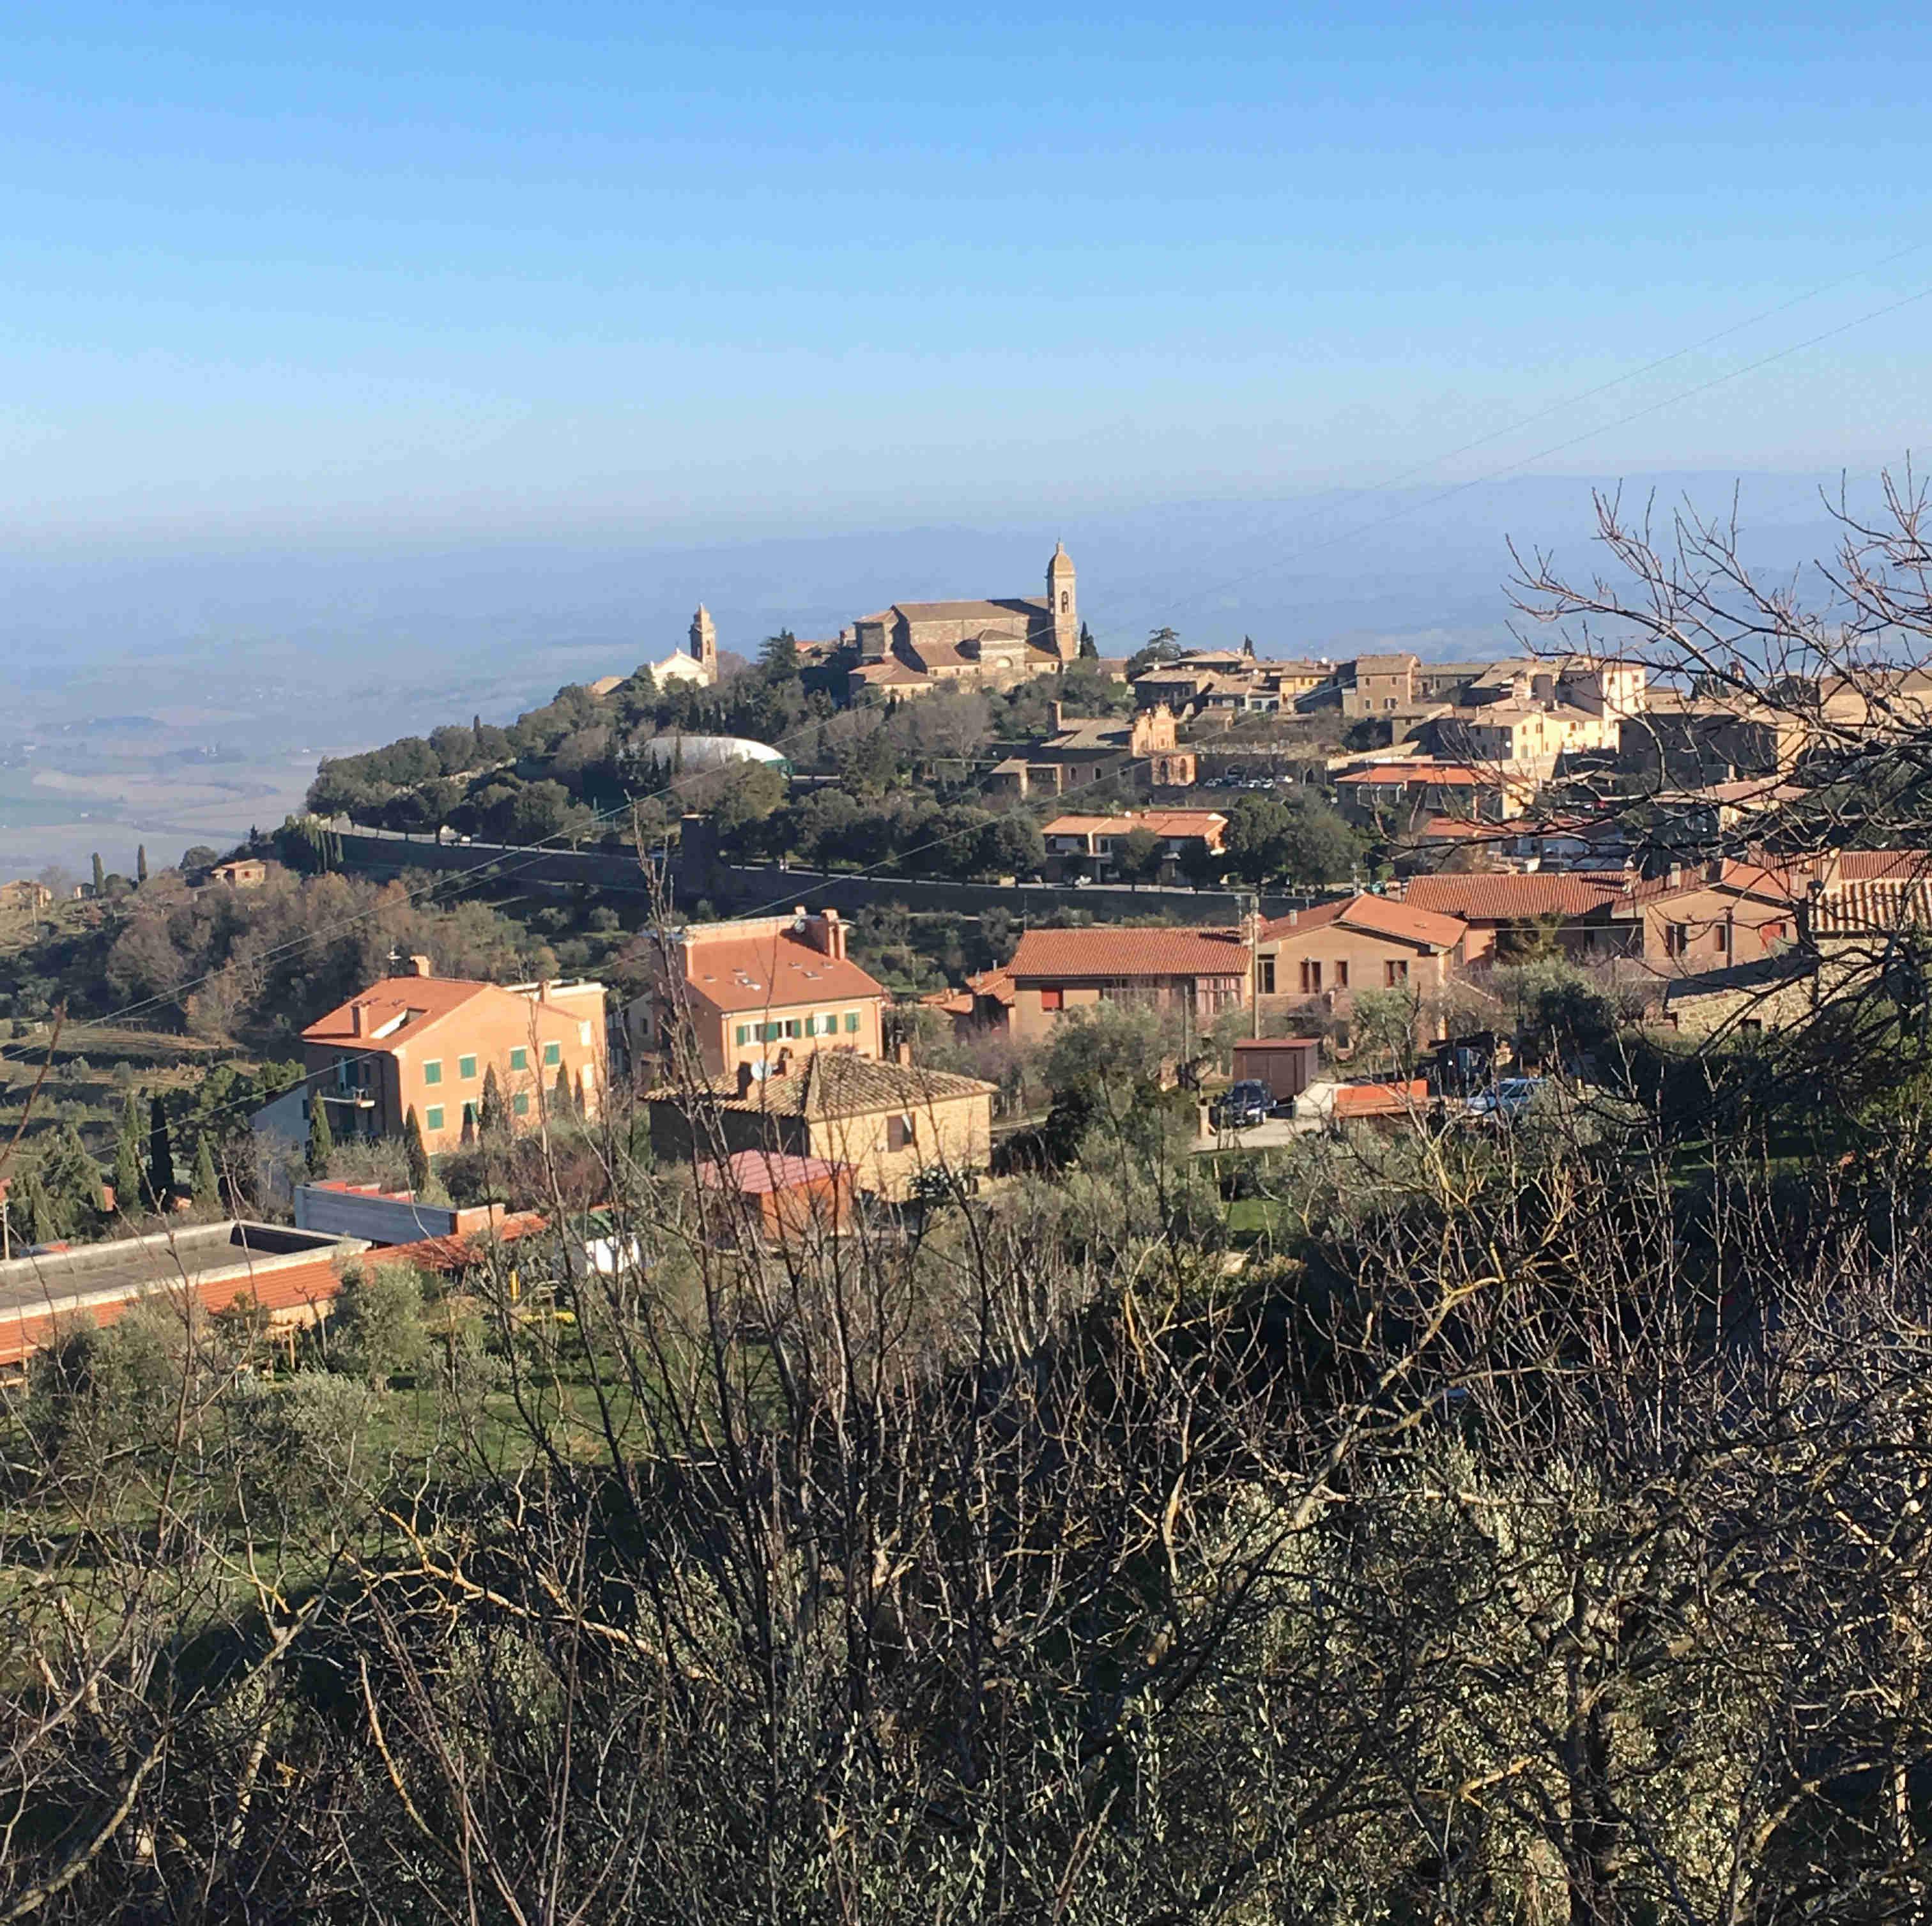 Auf einem Hügel thront die Stadt Montalcino © Daniela Dejnega